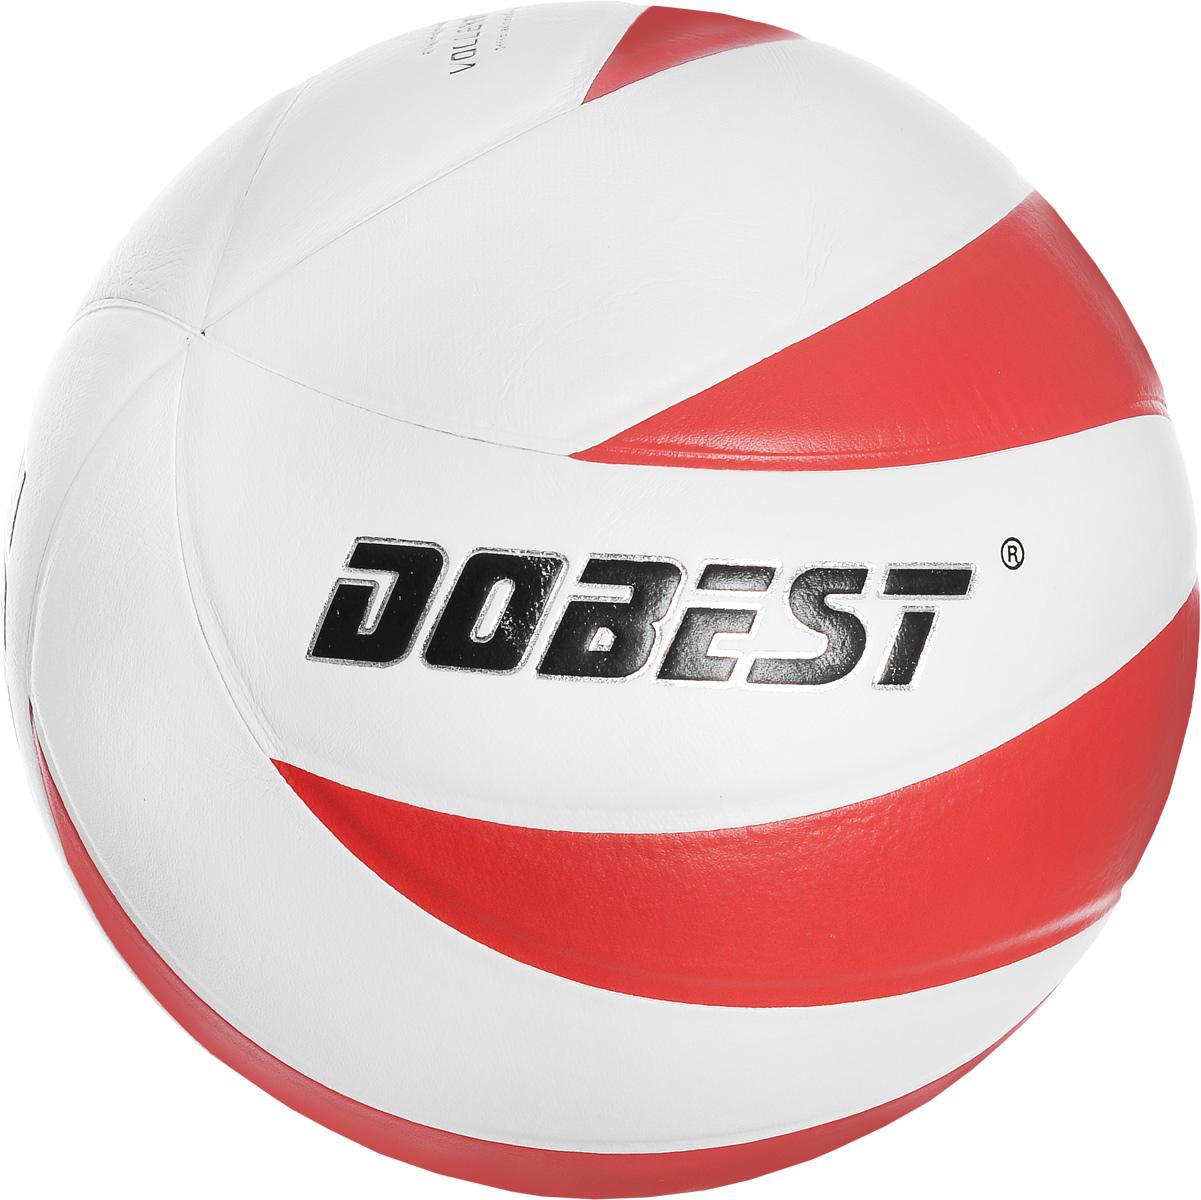 Мяч волейбольный Dobest V5-SU028R-12. Размер 528262076Волейбольный мяч Dobest V5-SU028R-12 подойдет для любительской игры на улице и в зале. Изделие выполнено из прочной синтетической кожи, камера - резина. Панели клееные.Количество панелей: 12.Количество слоев: 4.Вес: 260-280 г.УВАЖЕМЫЕ КЛИЕНТЫ!Обращаем ваше внимание на тот факт, что мяч поставляется в сдутом виде. Насос не входит в комплект.